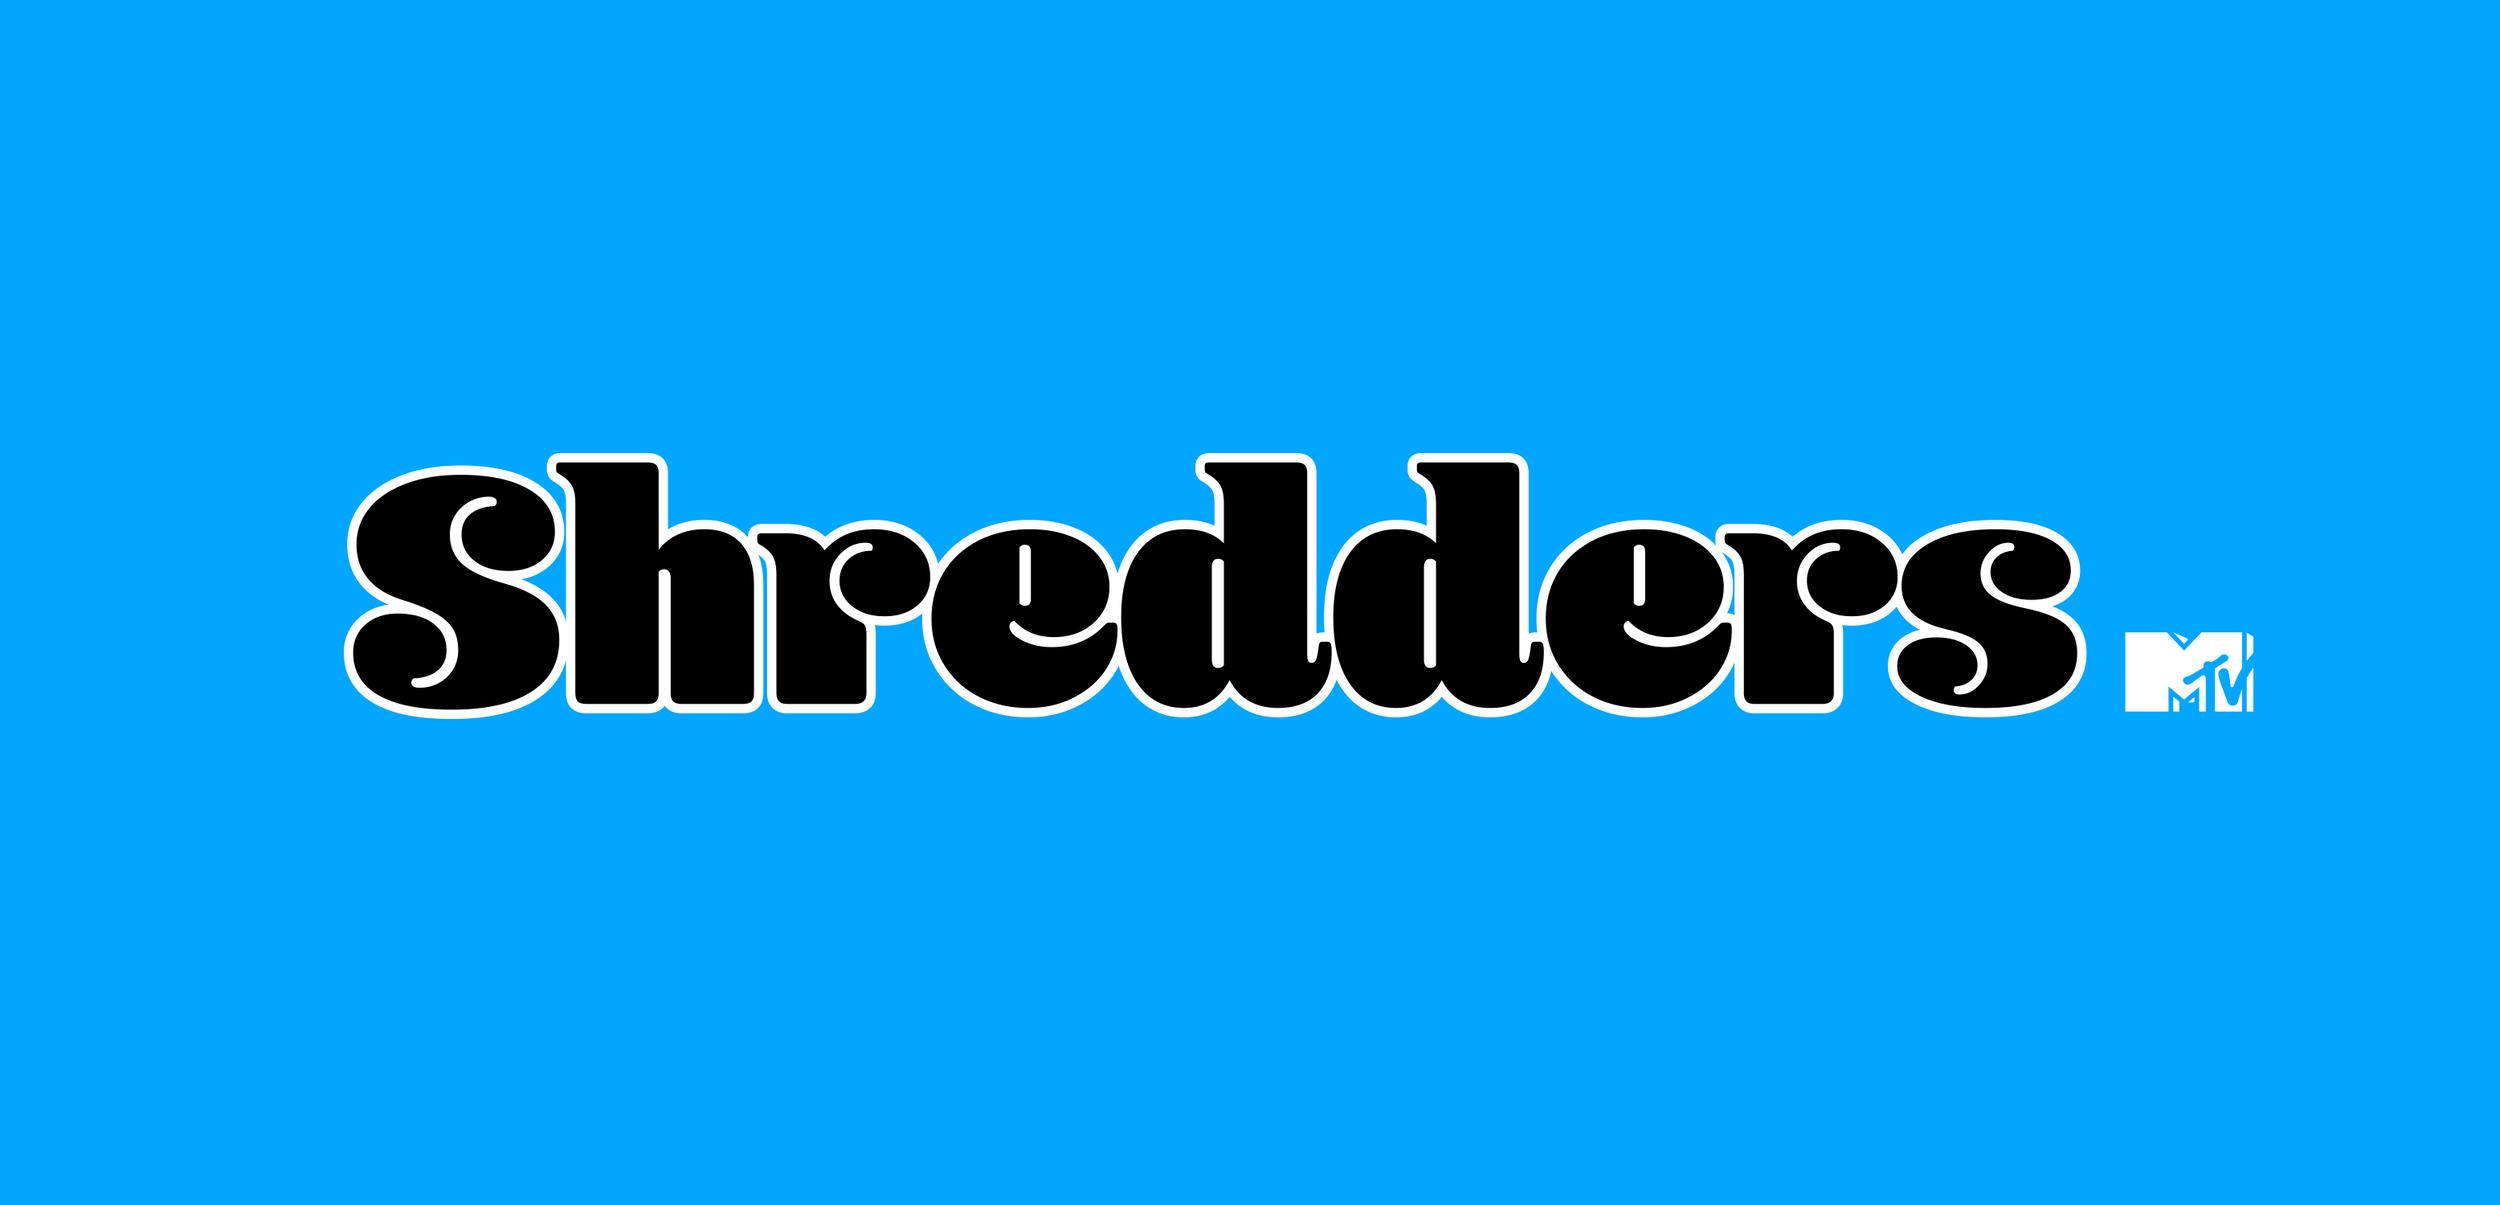 MTV-shredders-logo-long-v5.png